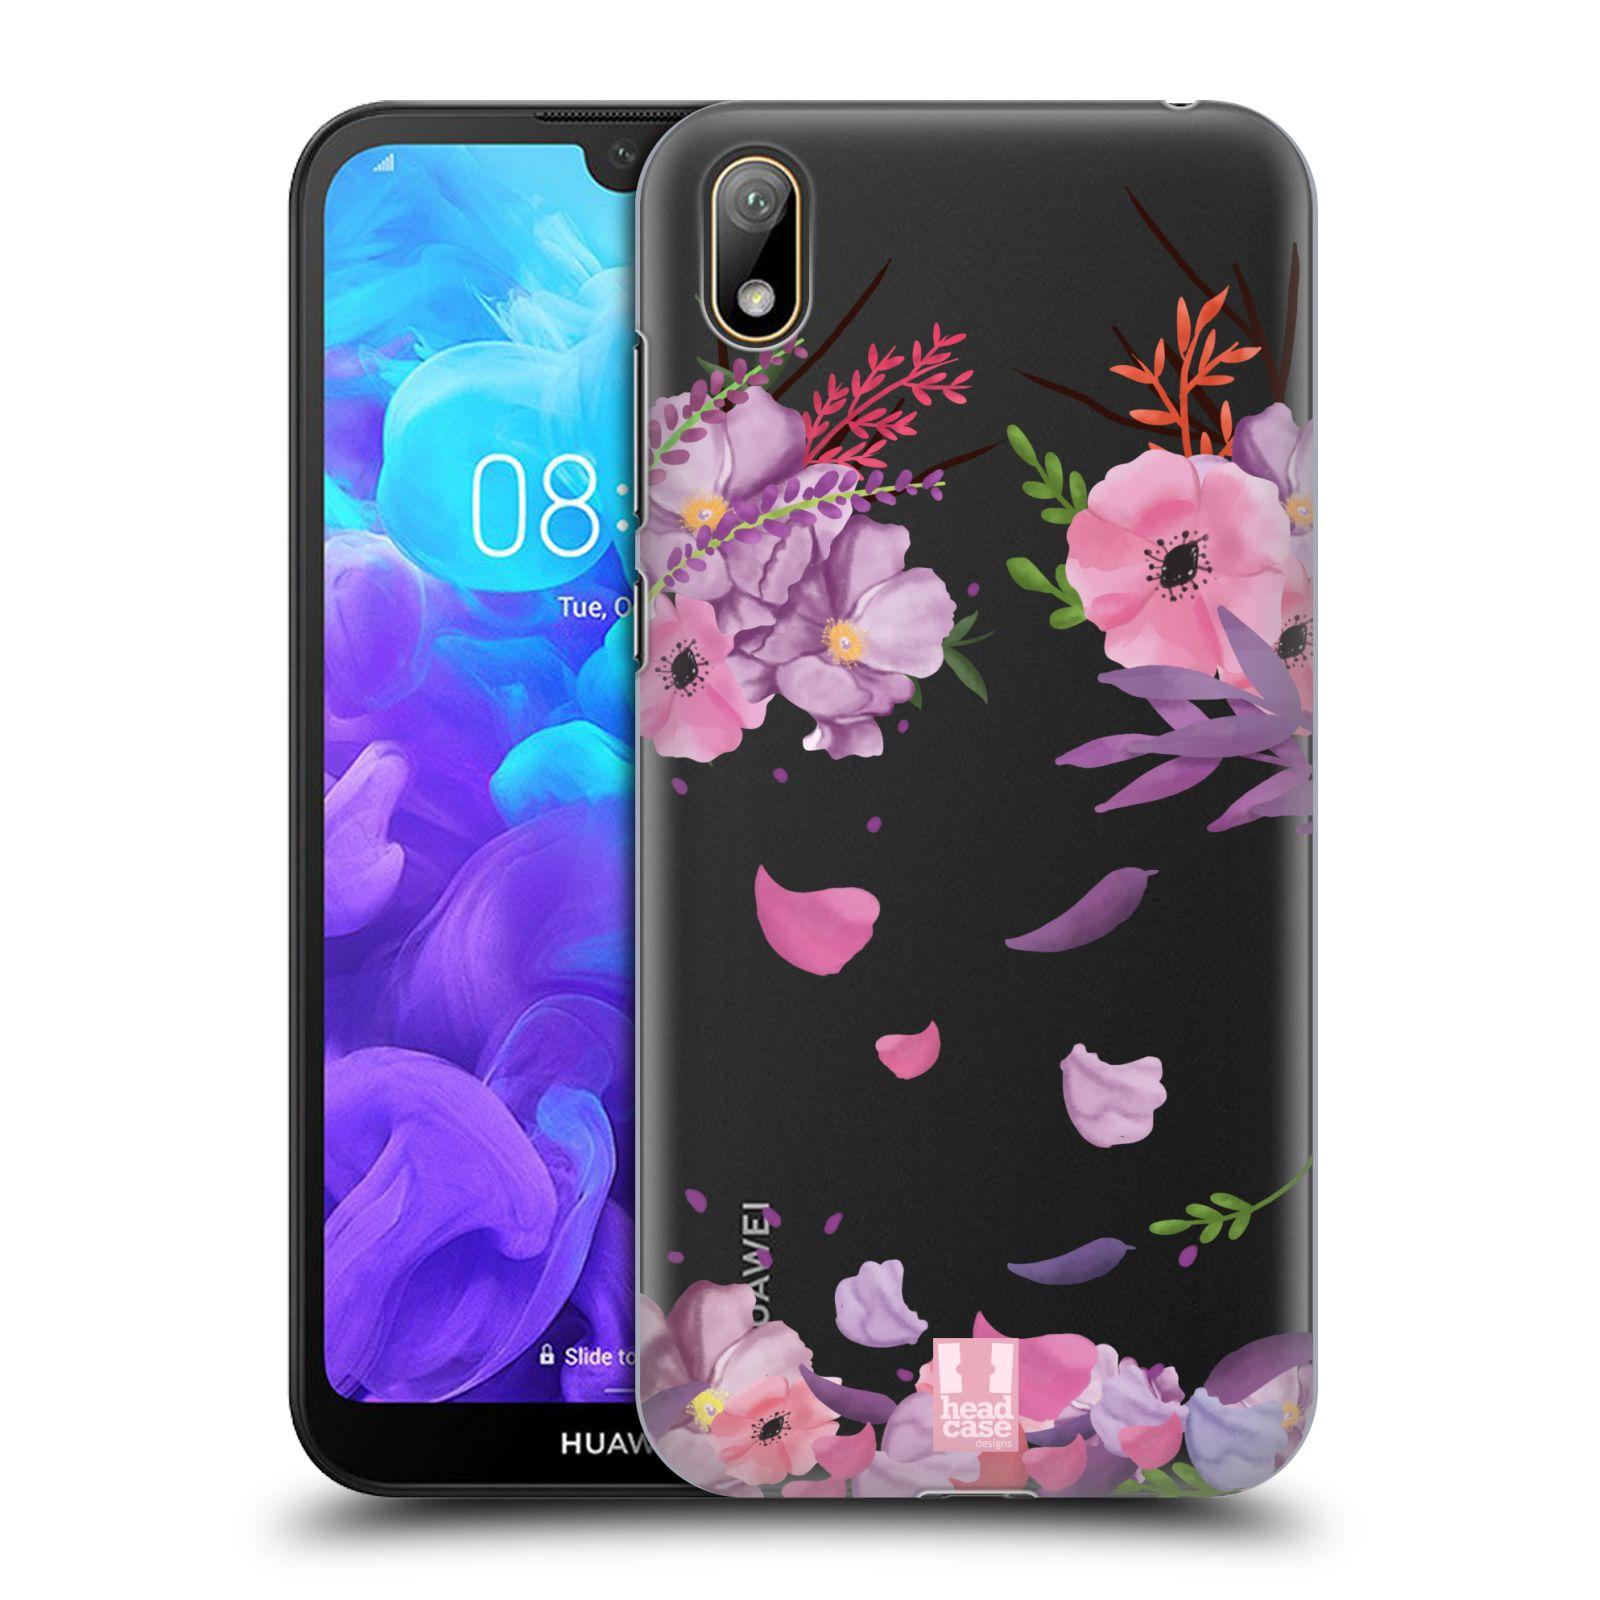 Plastové pouzdro na mobil Honor 8S - Head Case - Okvětní lístky